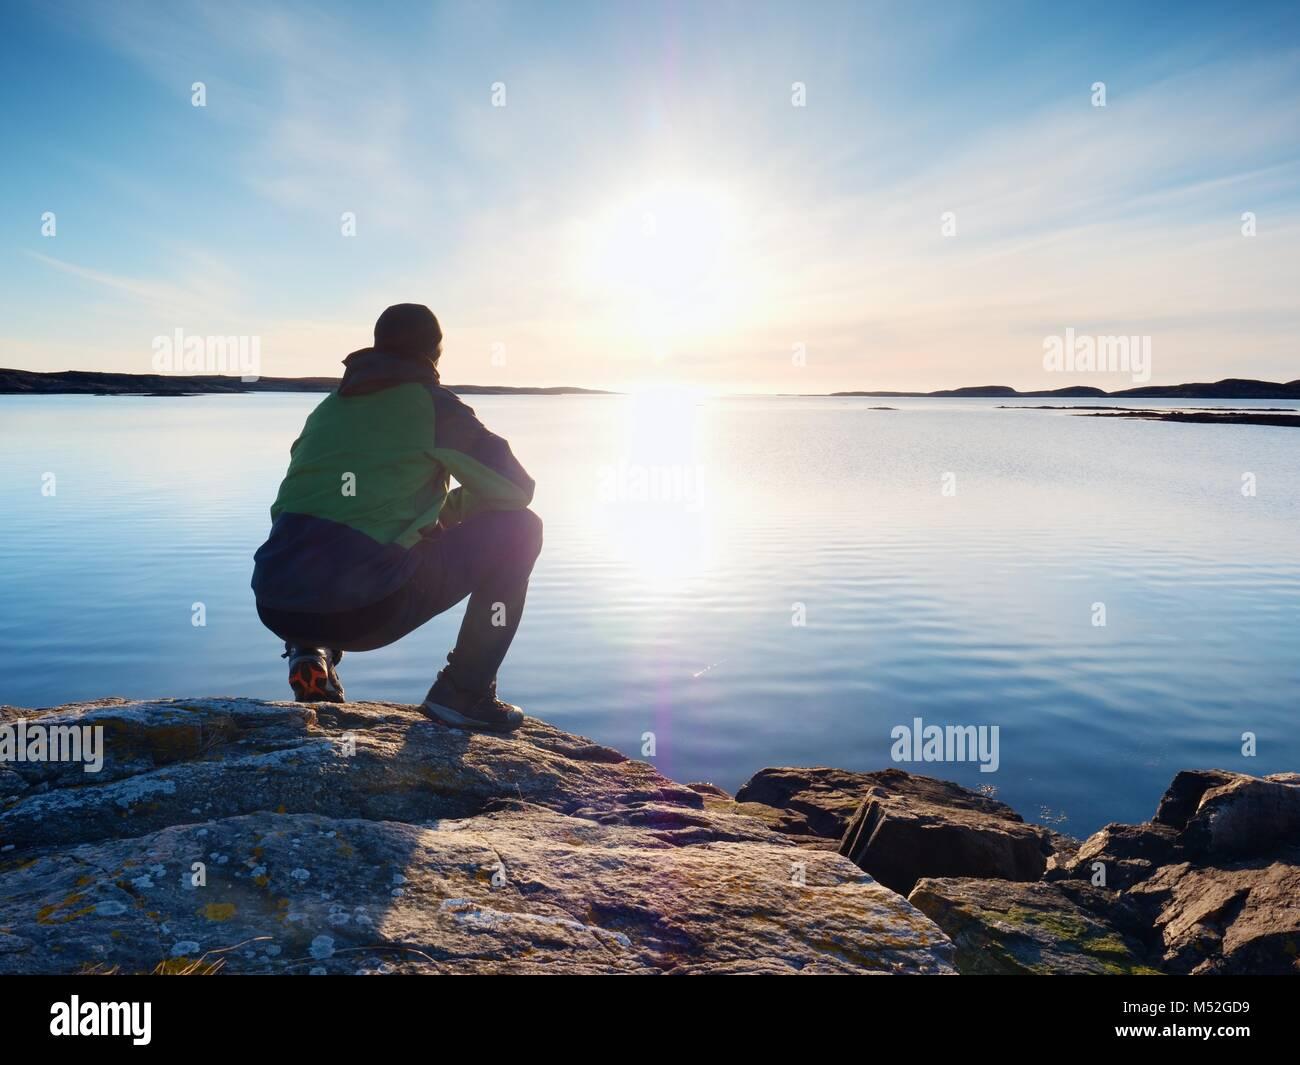 Hombre solitario caminante está sola en la costa rocosa y disfrutando de la puesta de sol. Vistas al acantilado Imagen De Stock